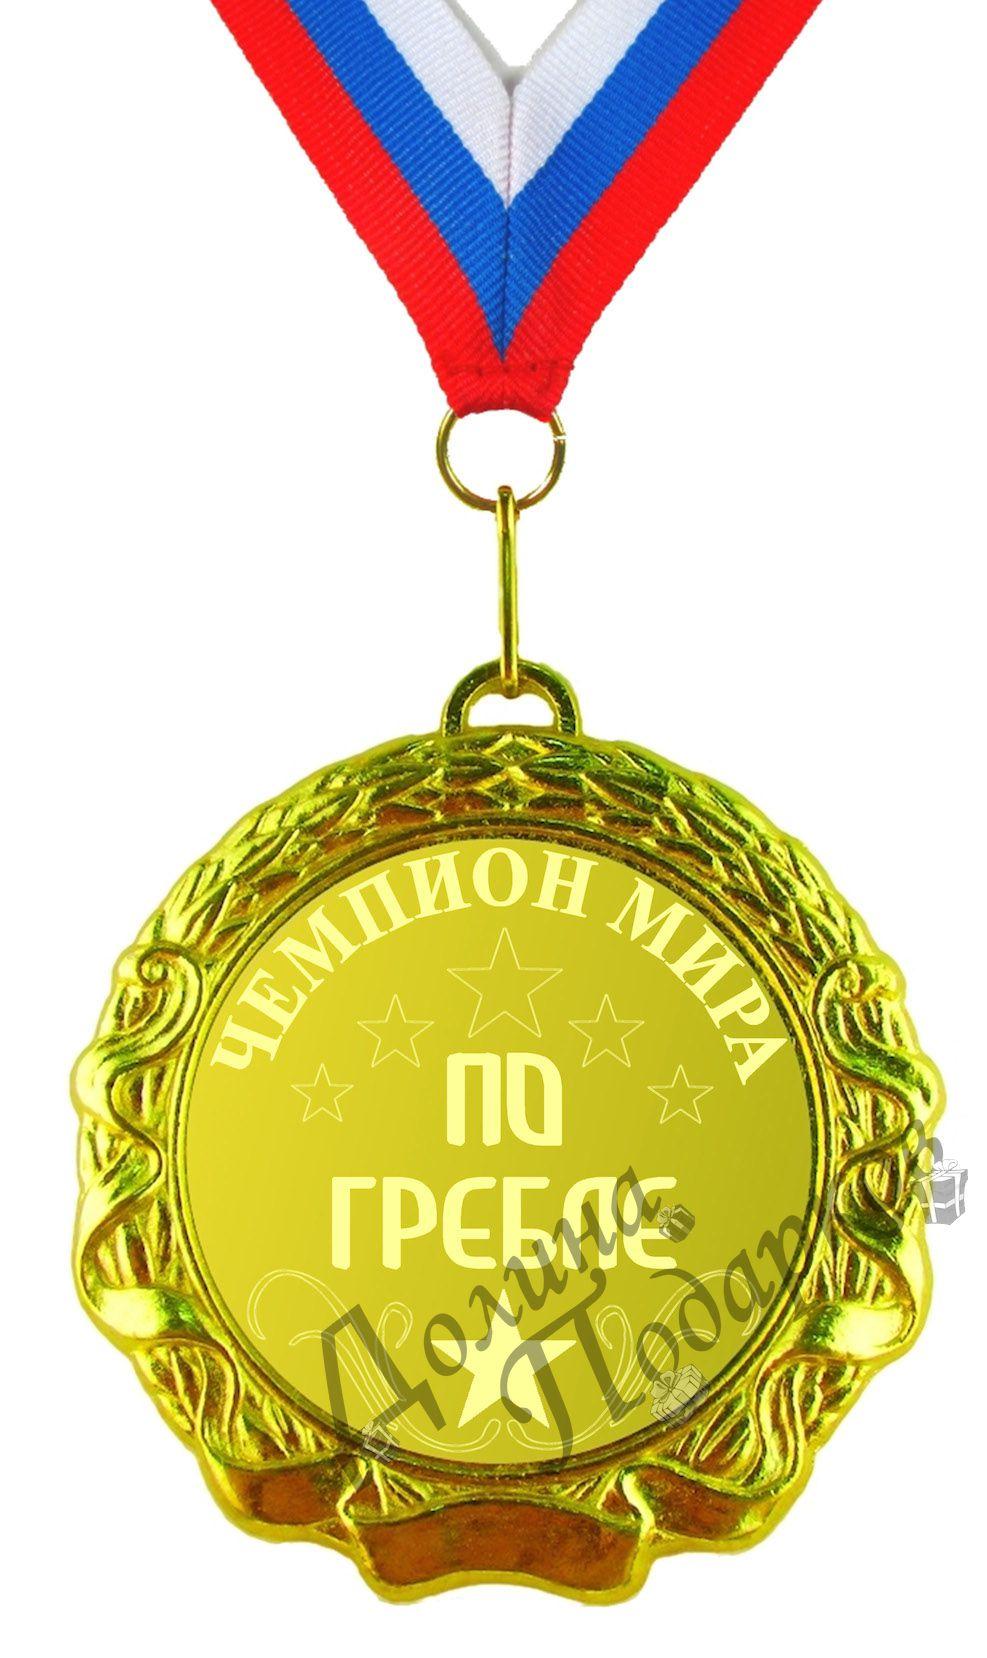 Купить Медаль *Чемпион мира по гребле* в интернет-магазине подарков. Огромный выбор необычных подарков и сувениров широкого ценового диапазона!